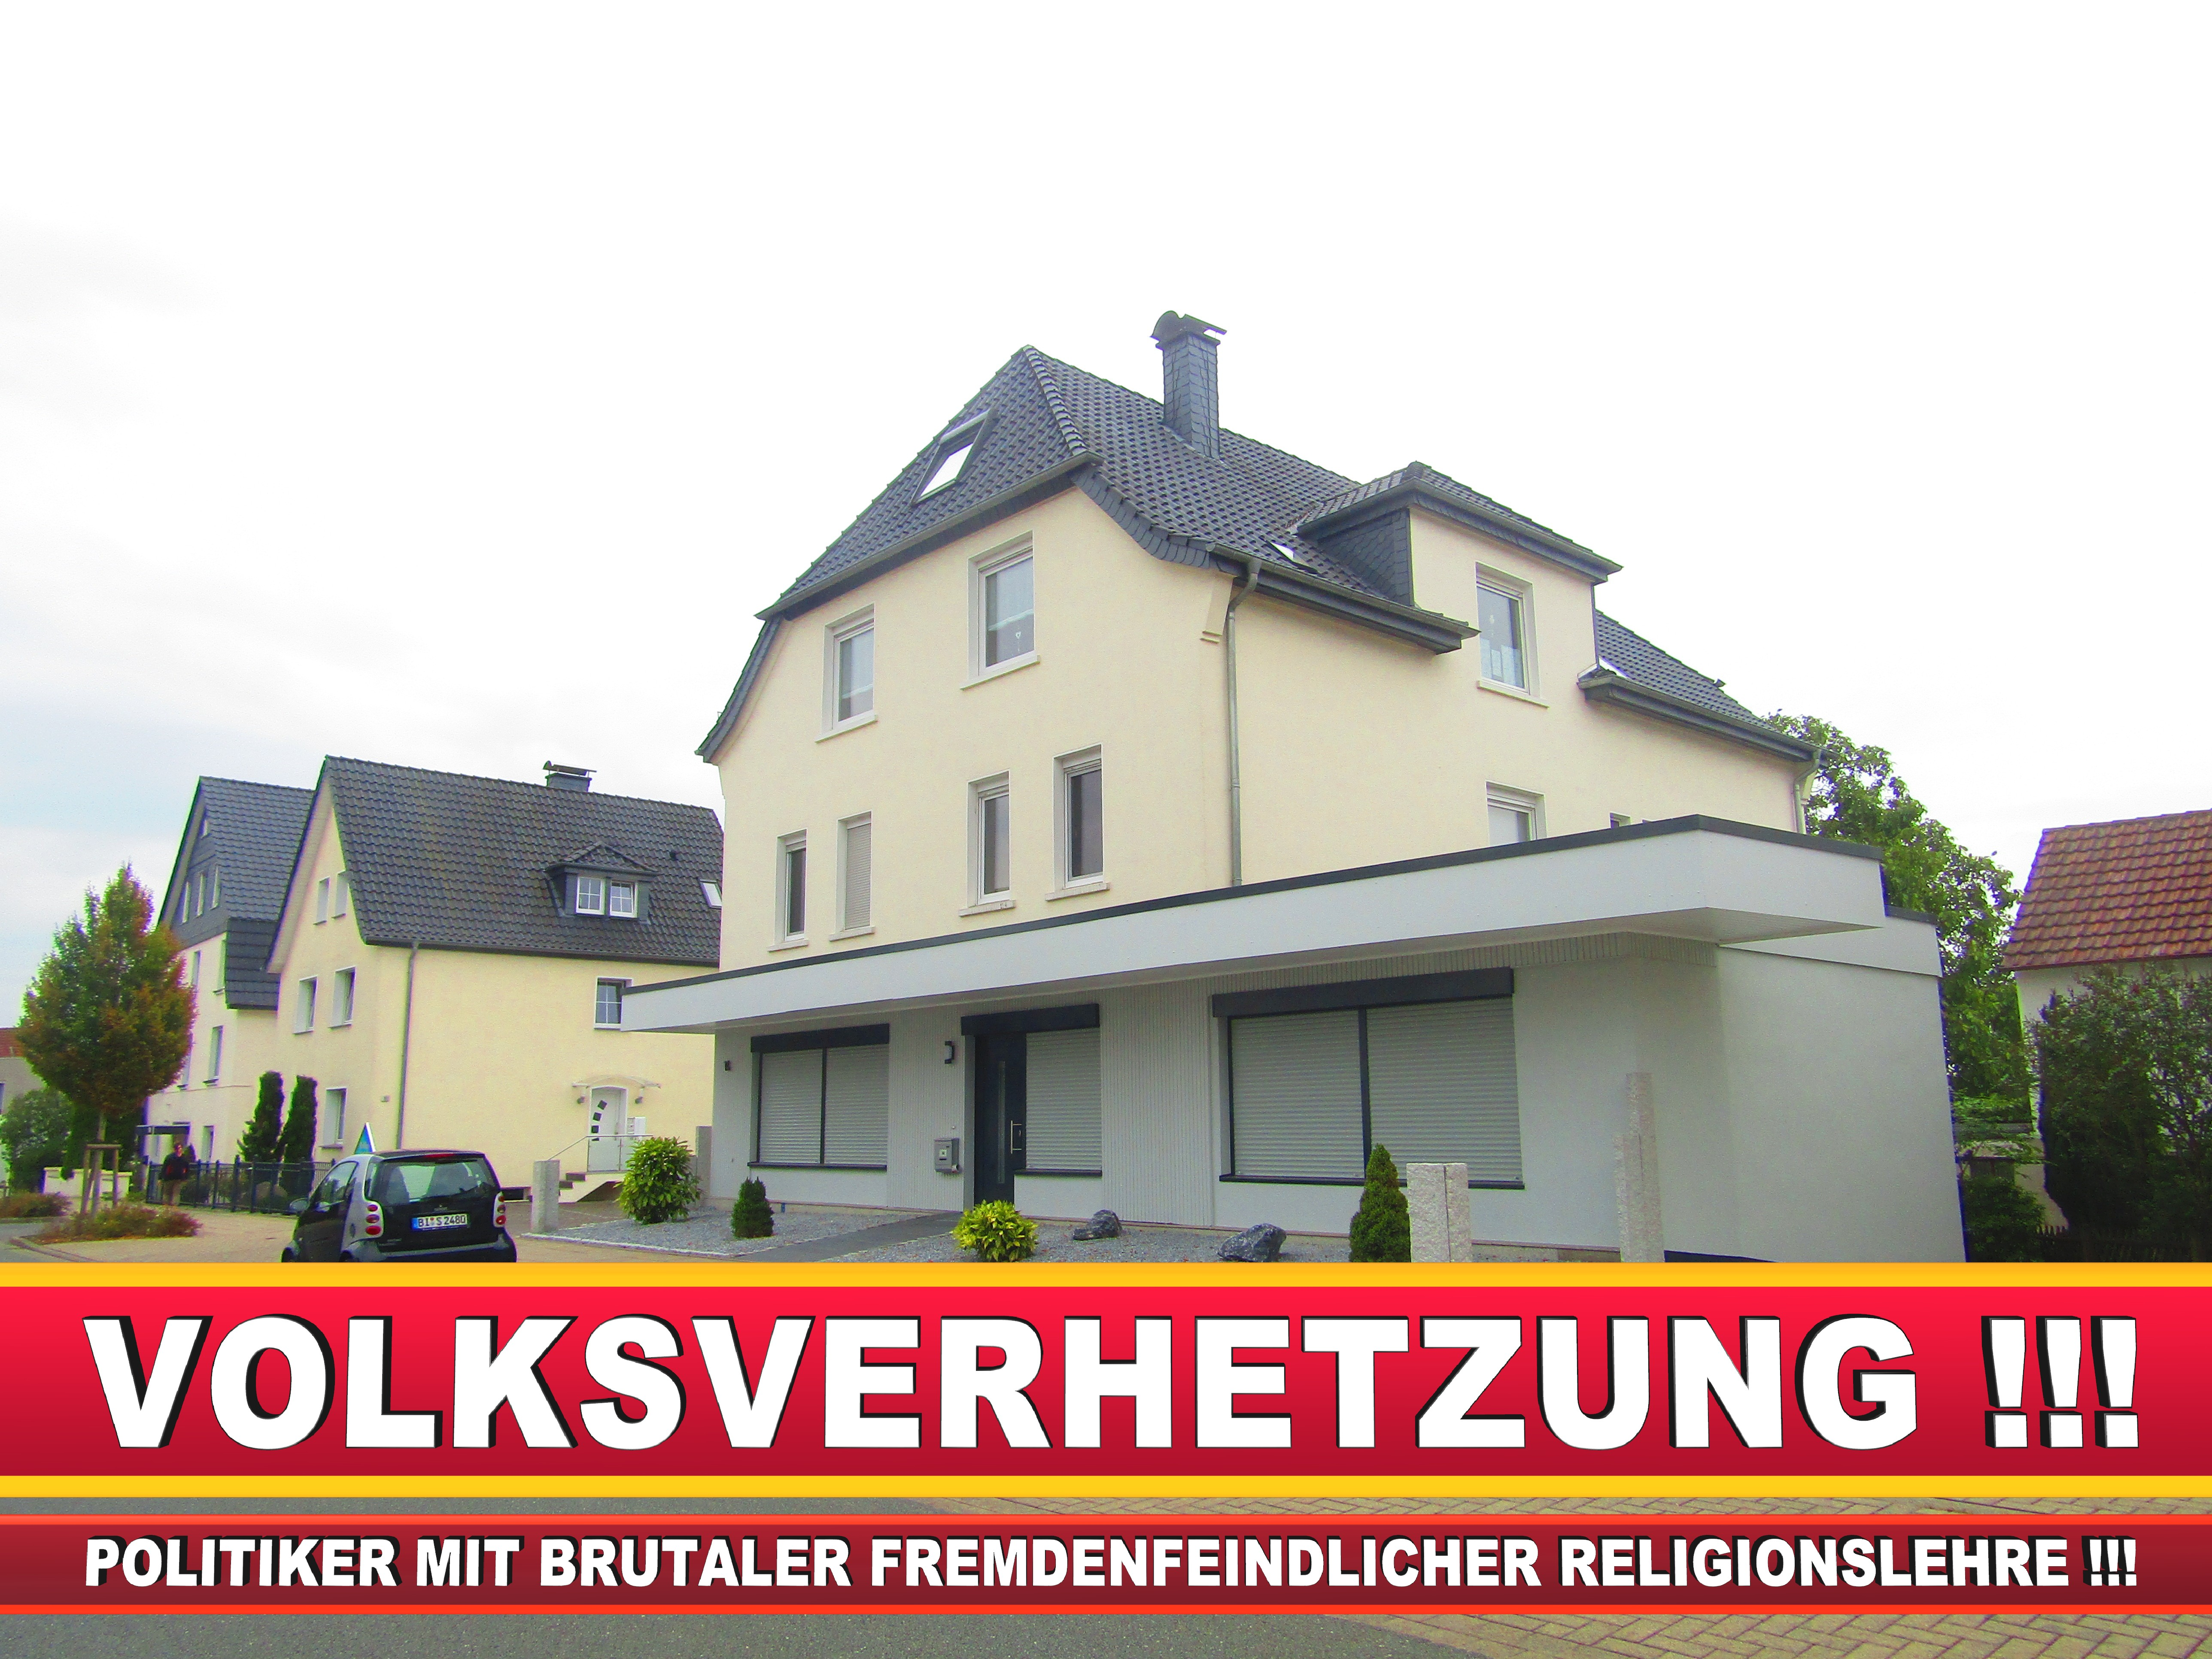 DETLEF HELLING BODENBELÄGE BIELEFELD CDU BIELEFELD (7) LANDTAGSWAHL BUNDESTAGSWAHL BÜRGERMEISTERWAHL